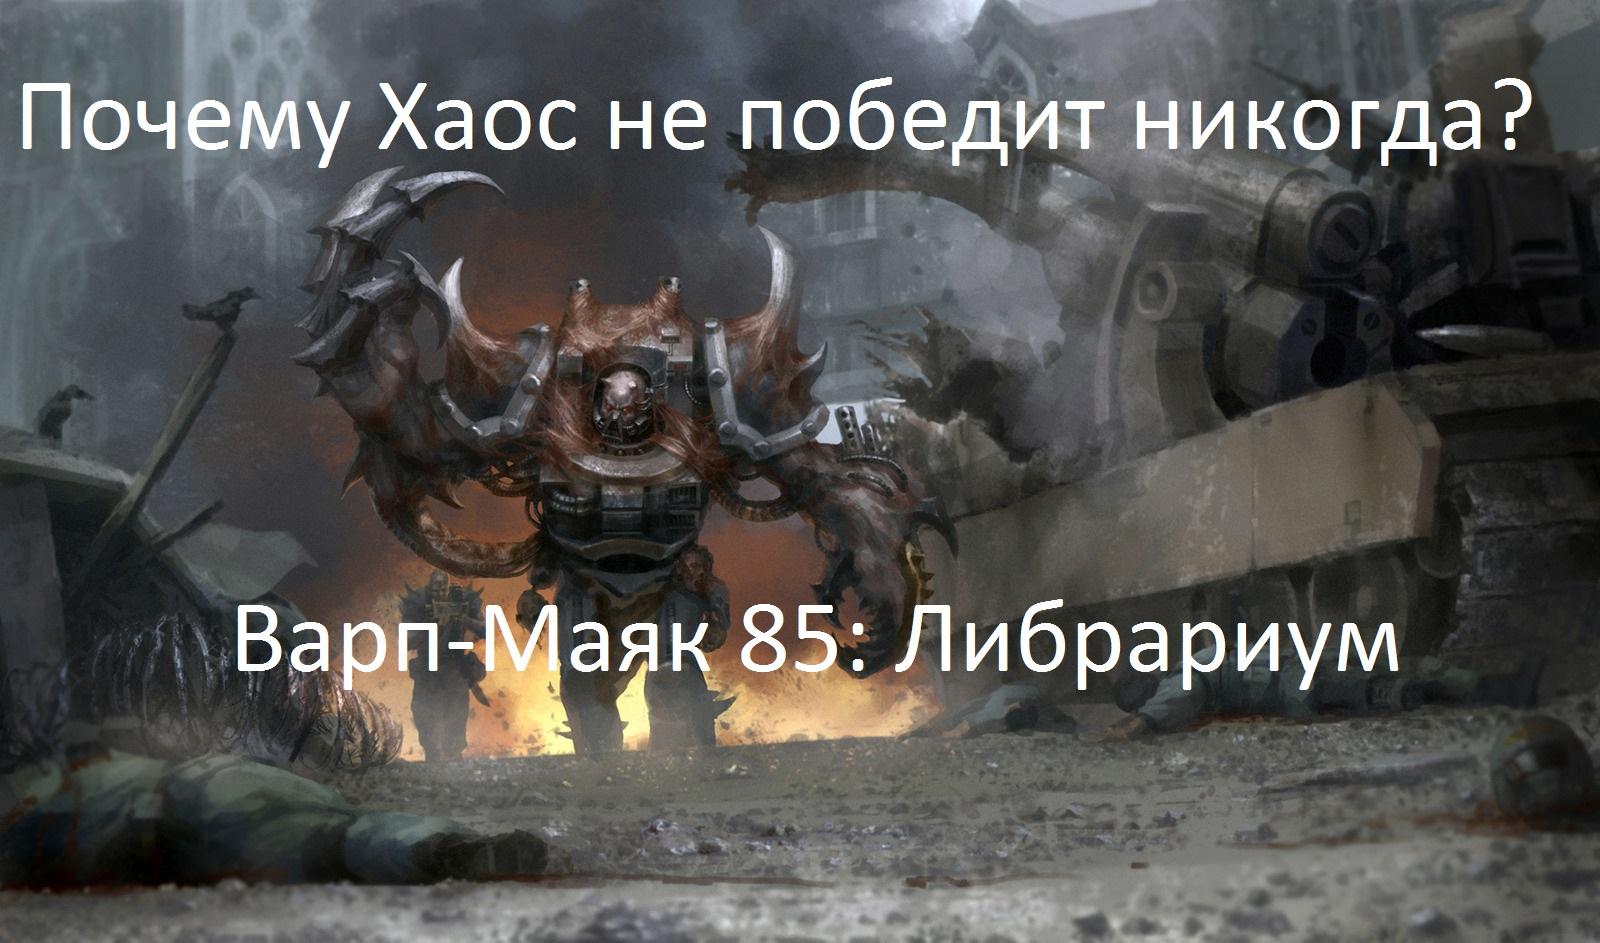 Пытаемся понять вселенную Warhammer 40000 - Почему Хаос не победит никогда?. - Изображение 1